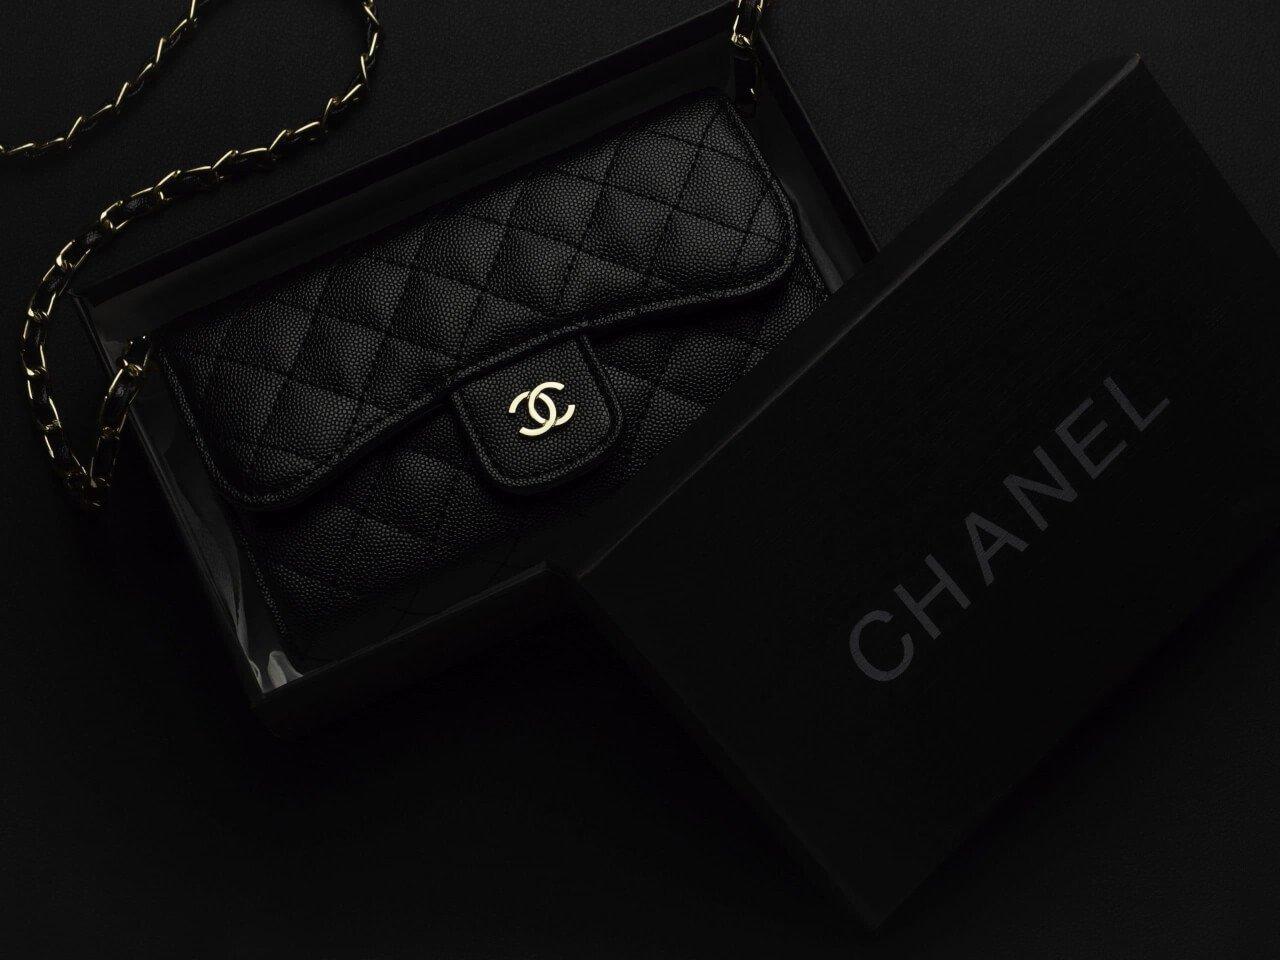 Borsa Chanel originale inconfondible